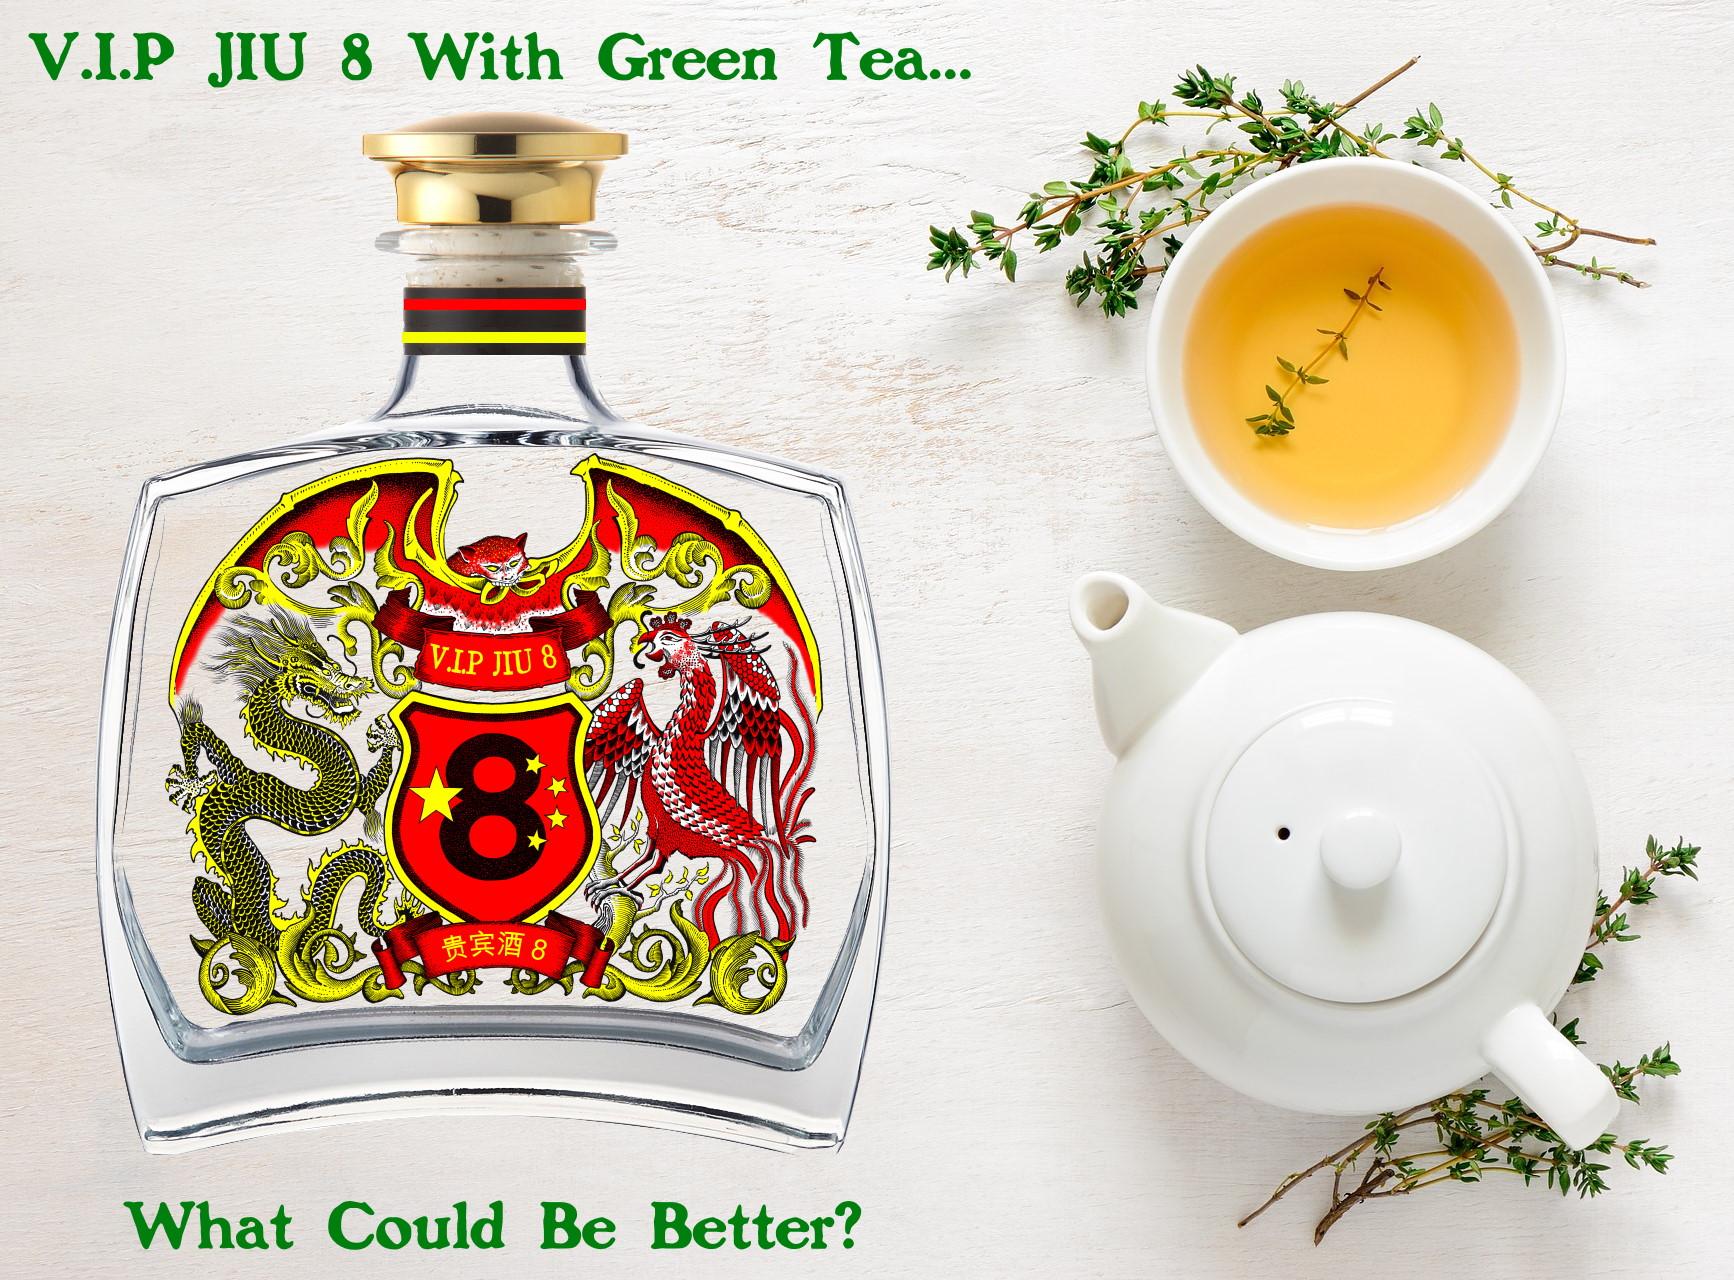 V.I.P Jiu 8 & Green Teas